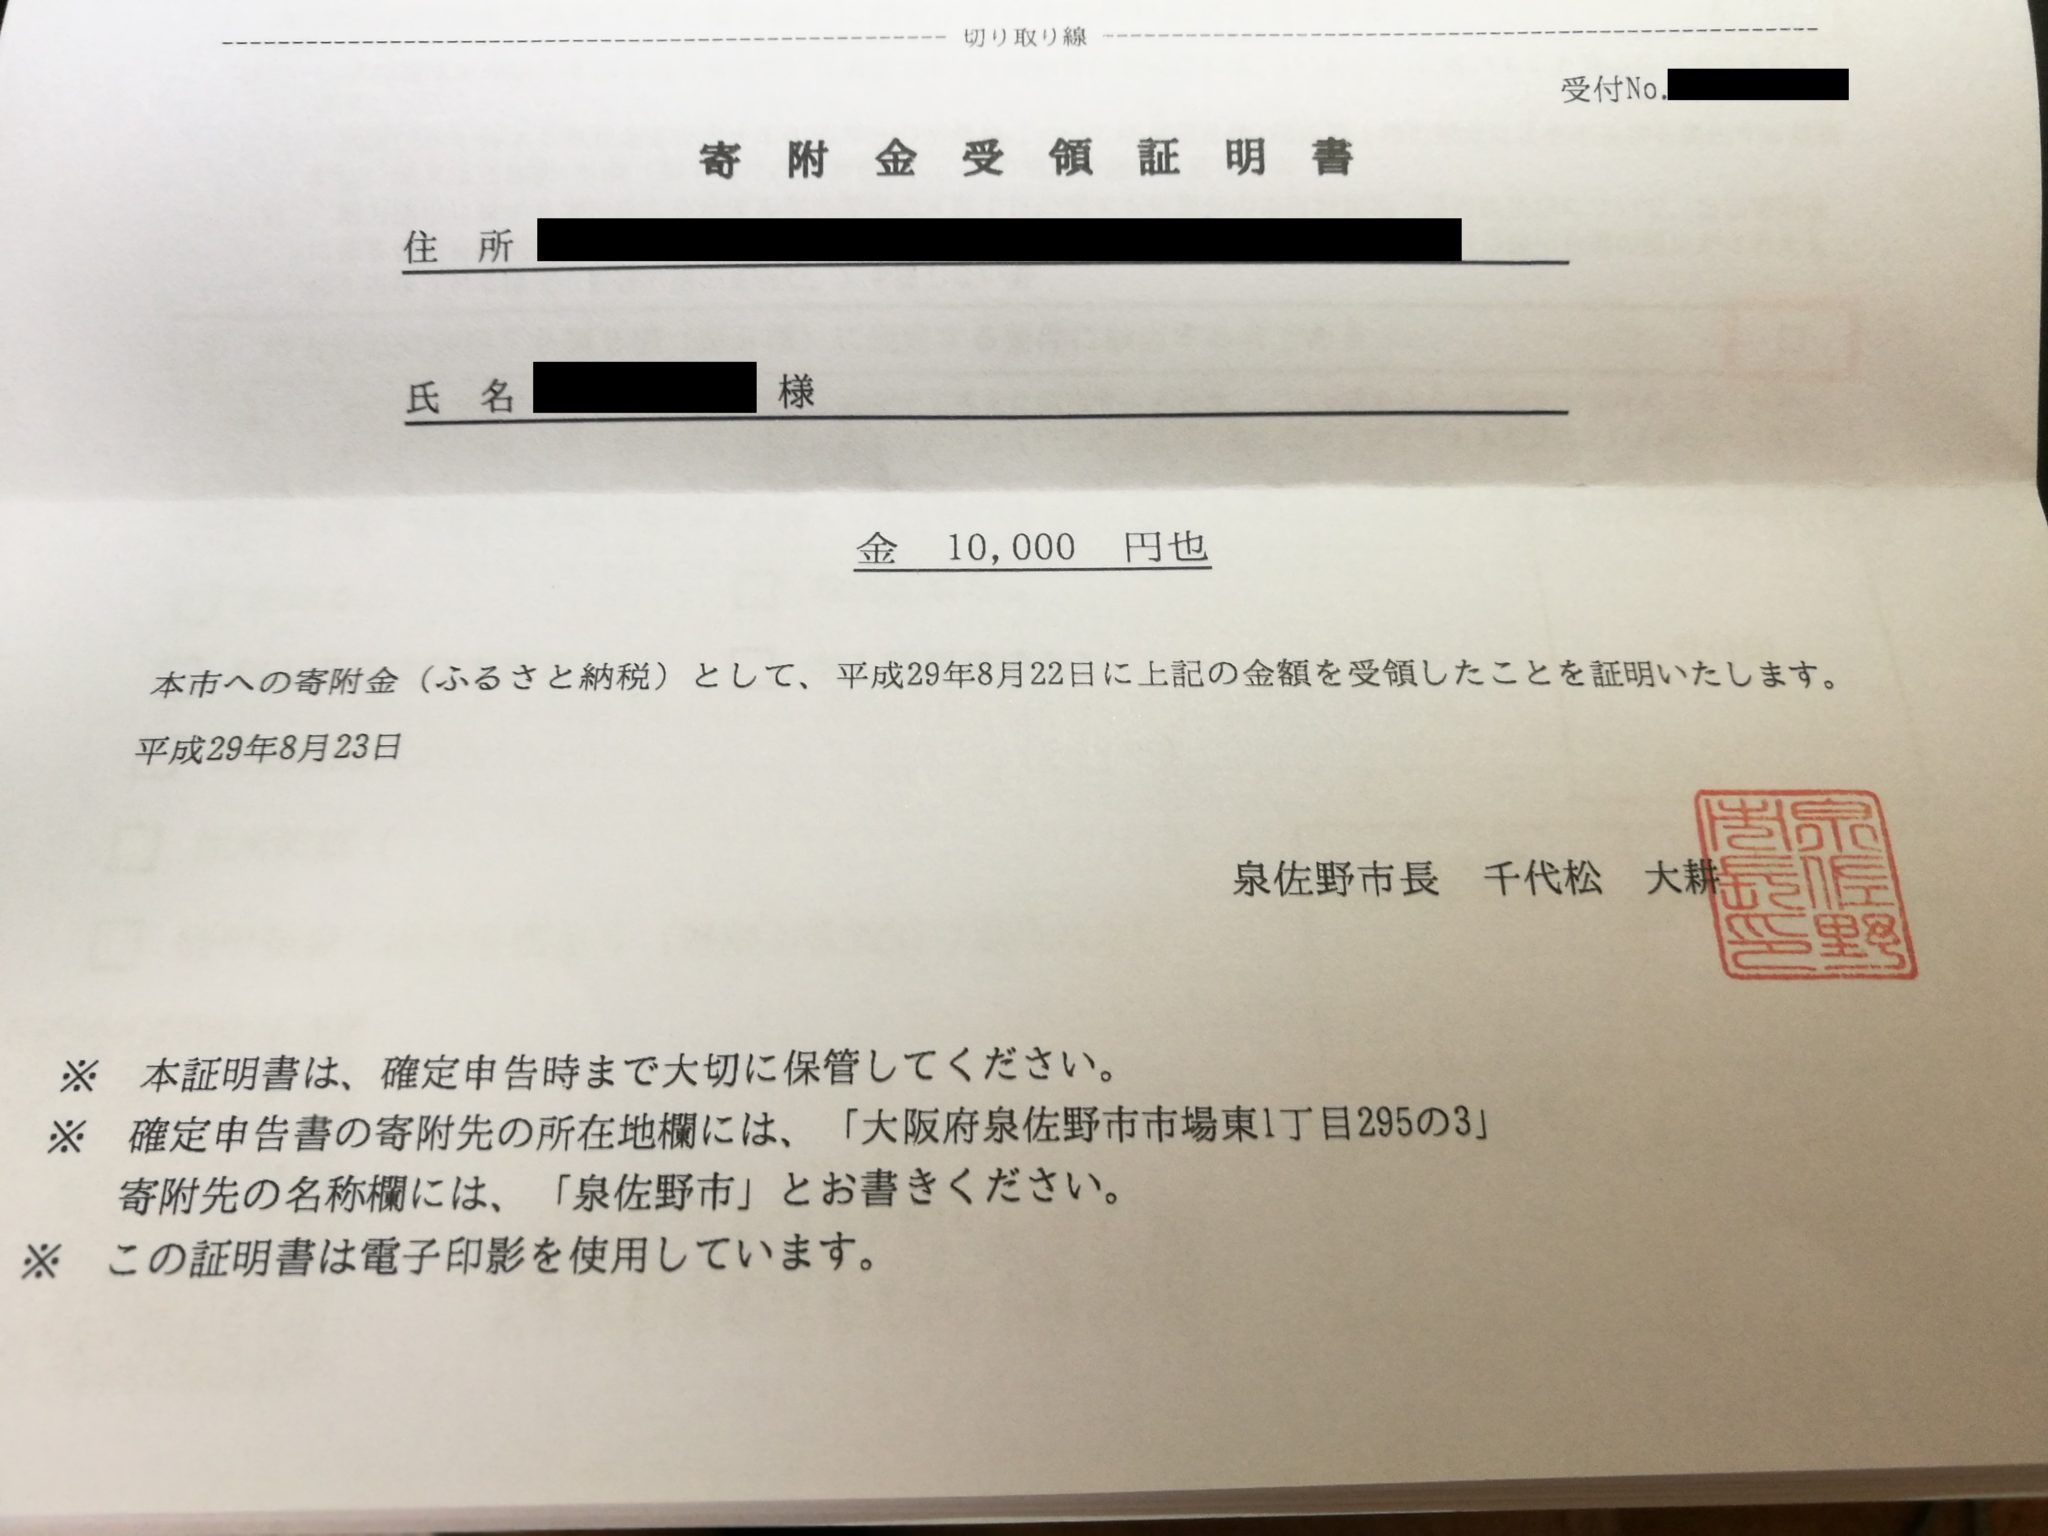 ふるさと 添付 書類 申告 確定 納税